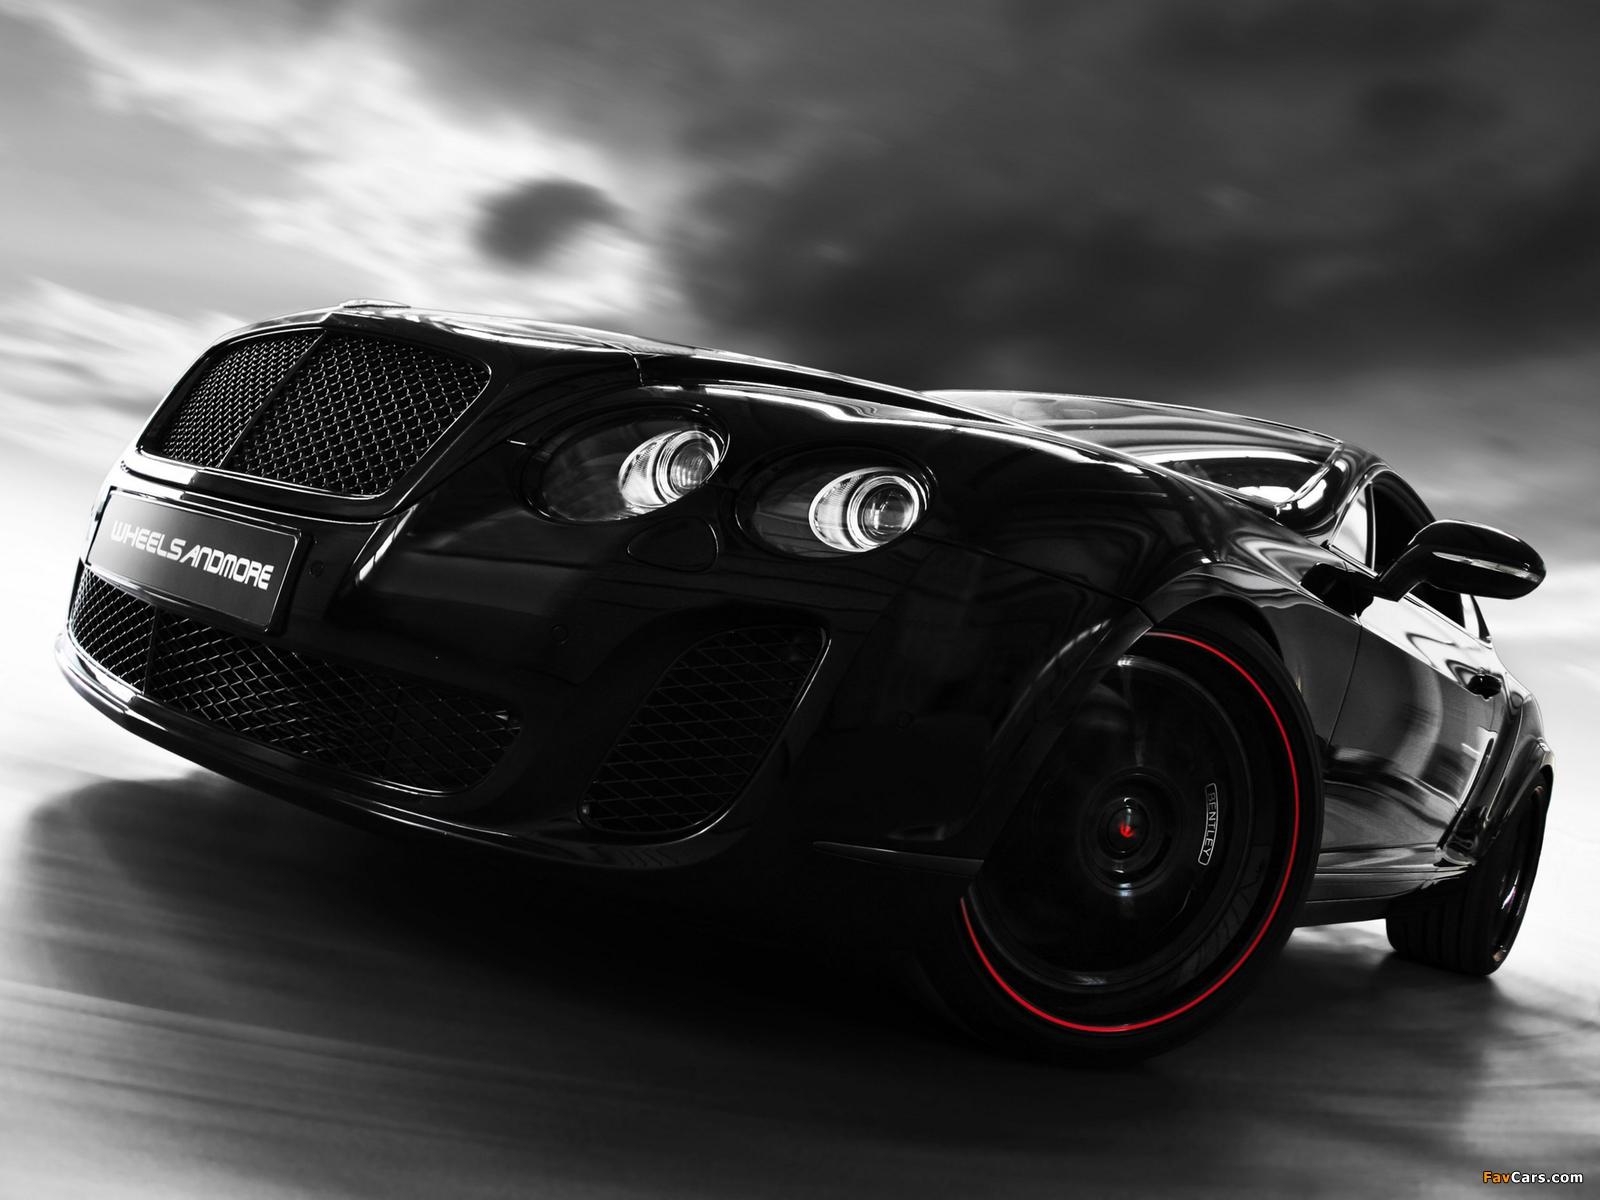 Wheelsandmore Bentley Ultrasports 702 2010 photos (1600 x 1200)